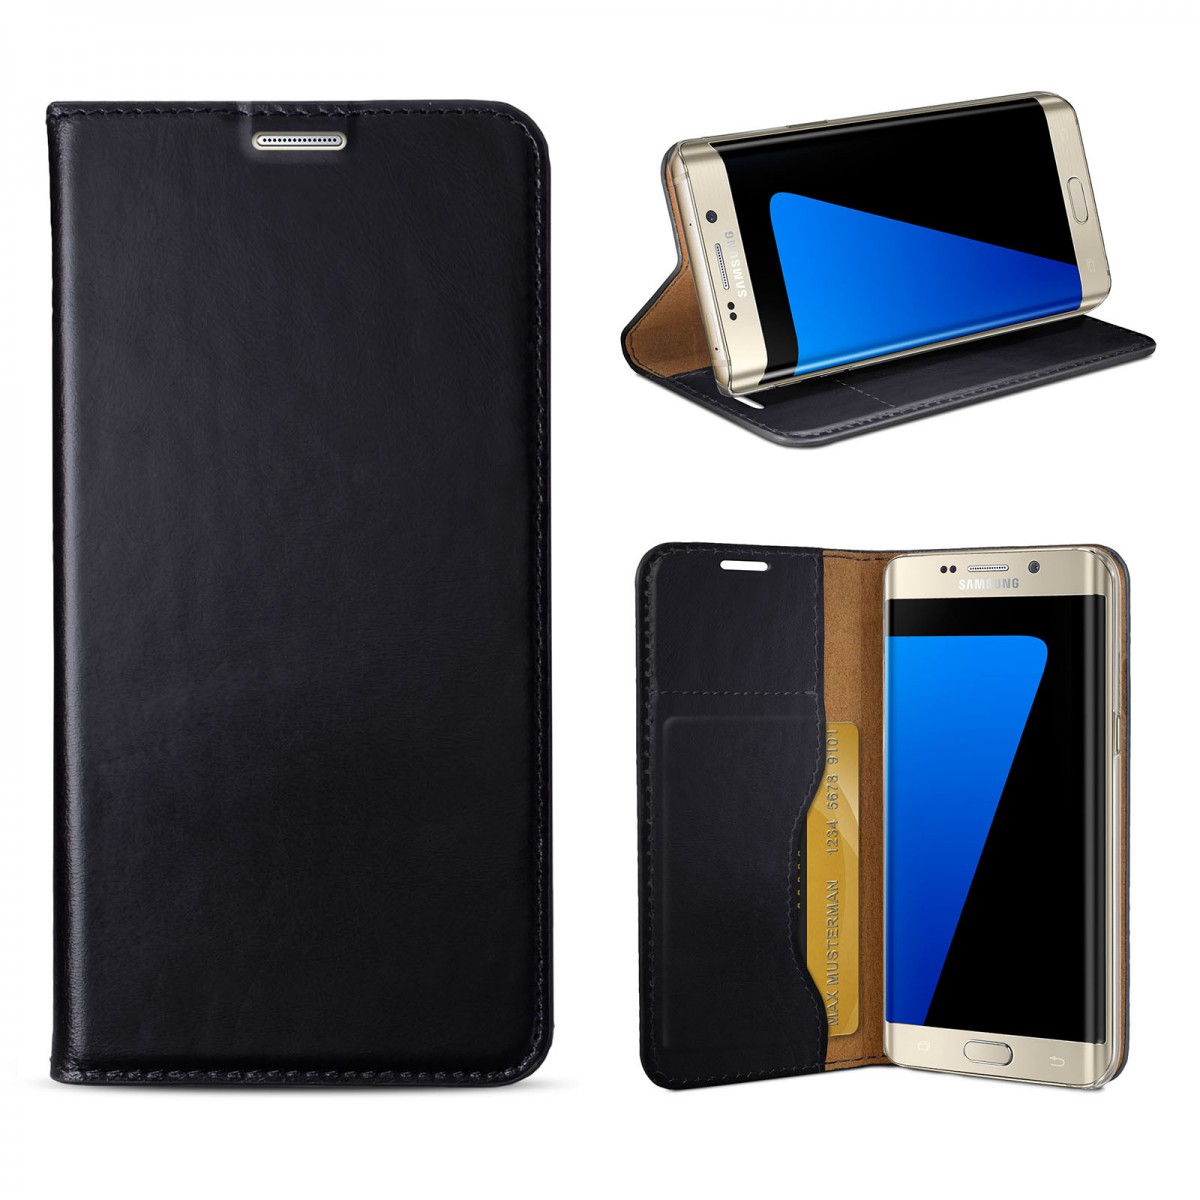 eFabrik Design Case fu00fcr Samsung Galaxy S7 Edge Tasche Leder schwarz ...